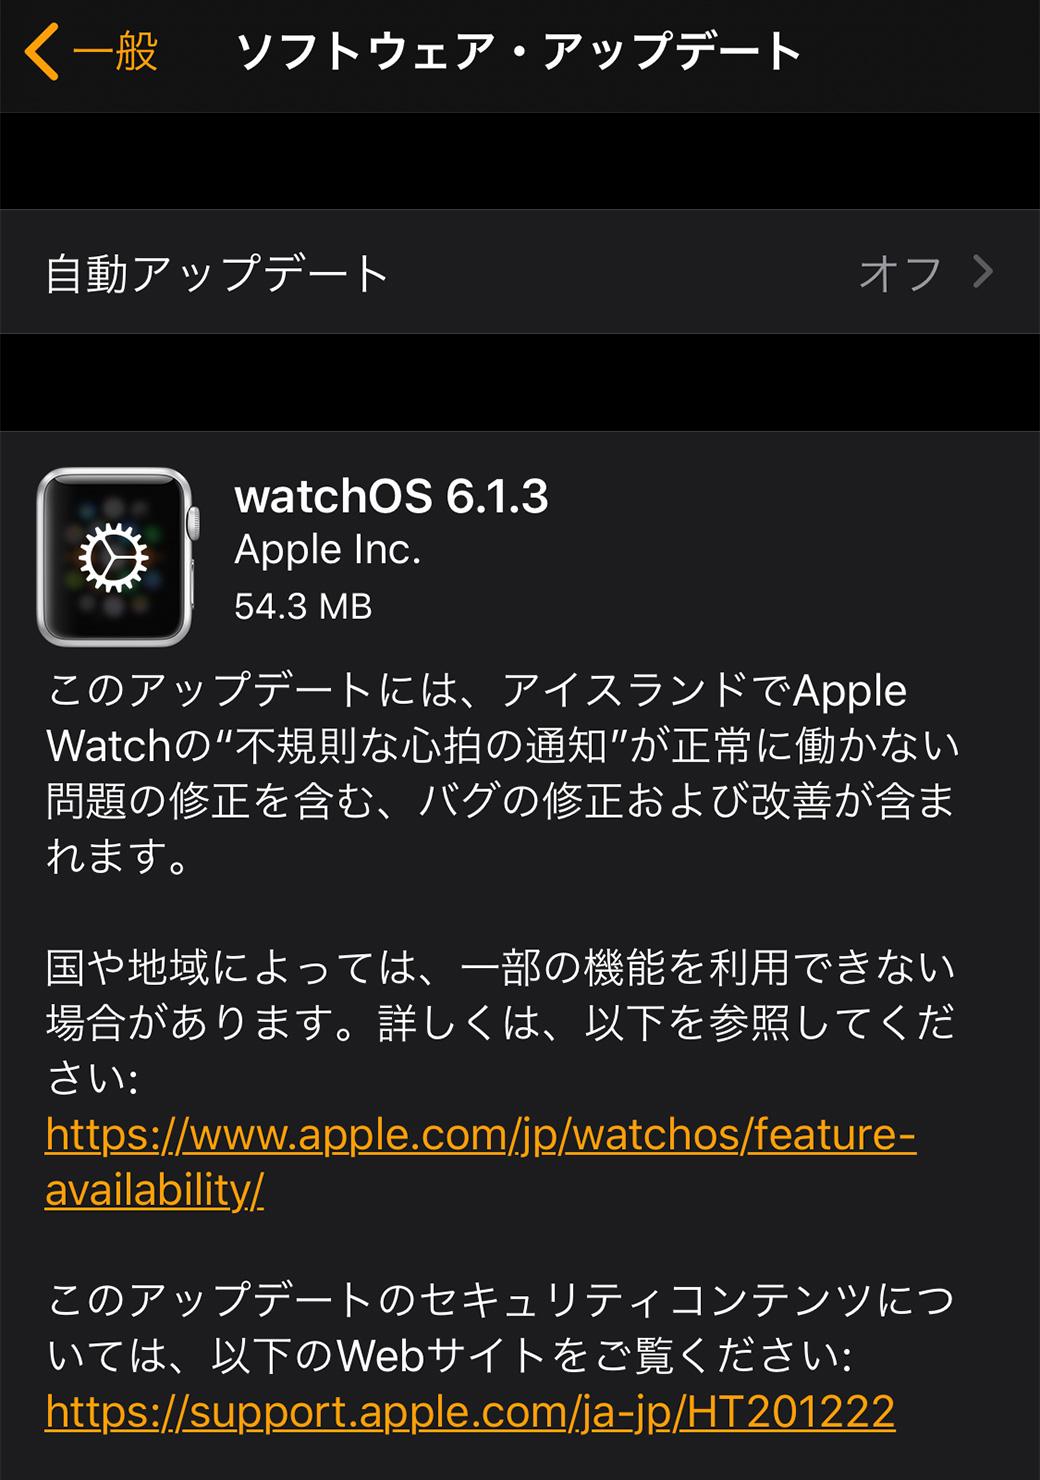 Apple、「watchOS 6.1.3」をリリース ‒ バグの修正および改善